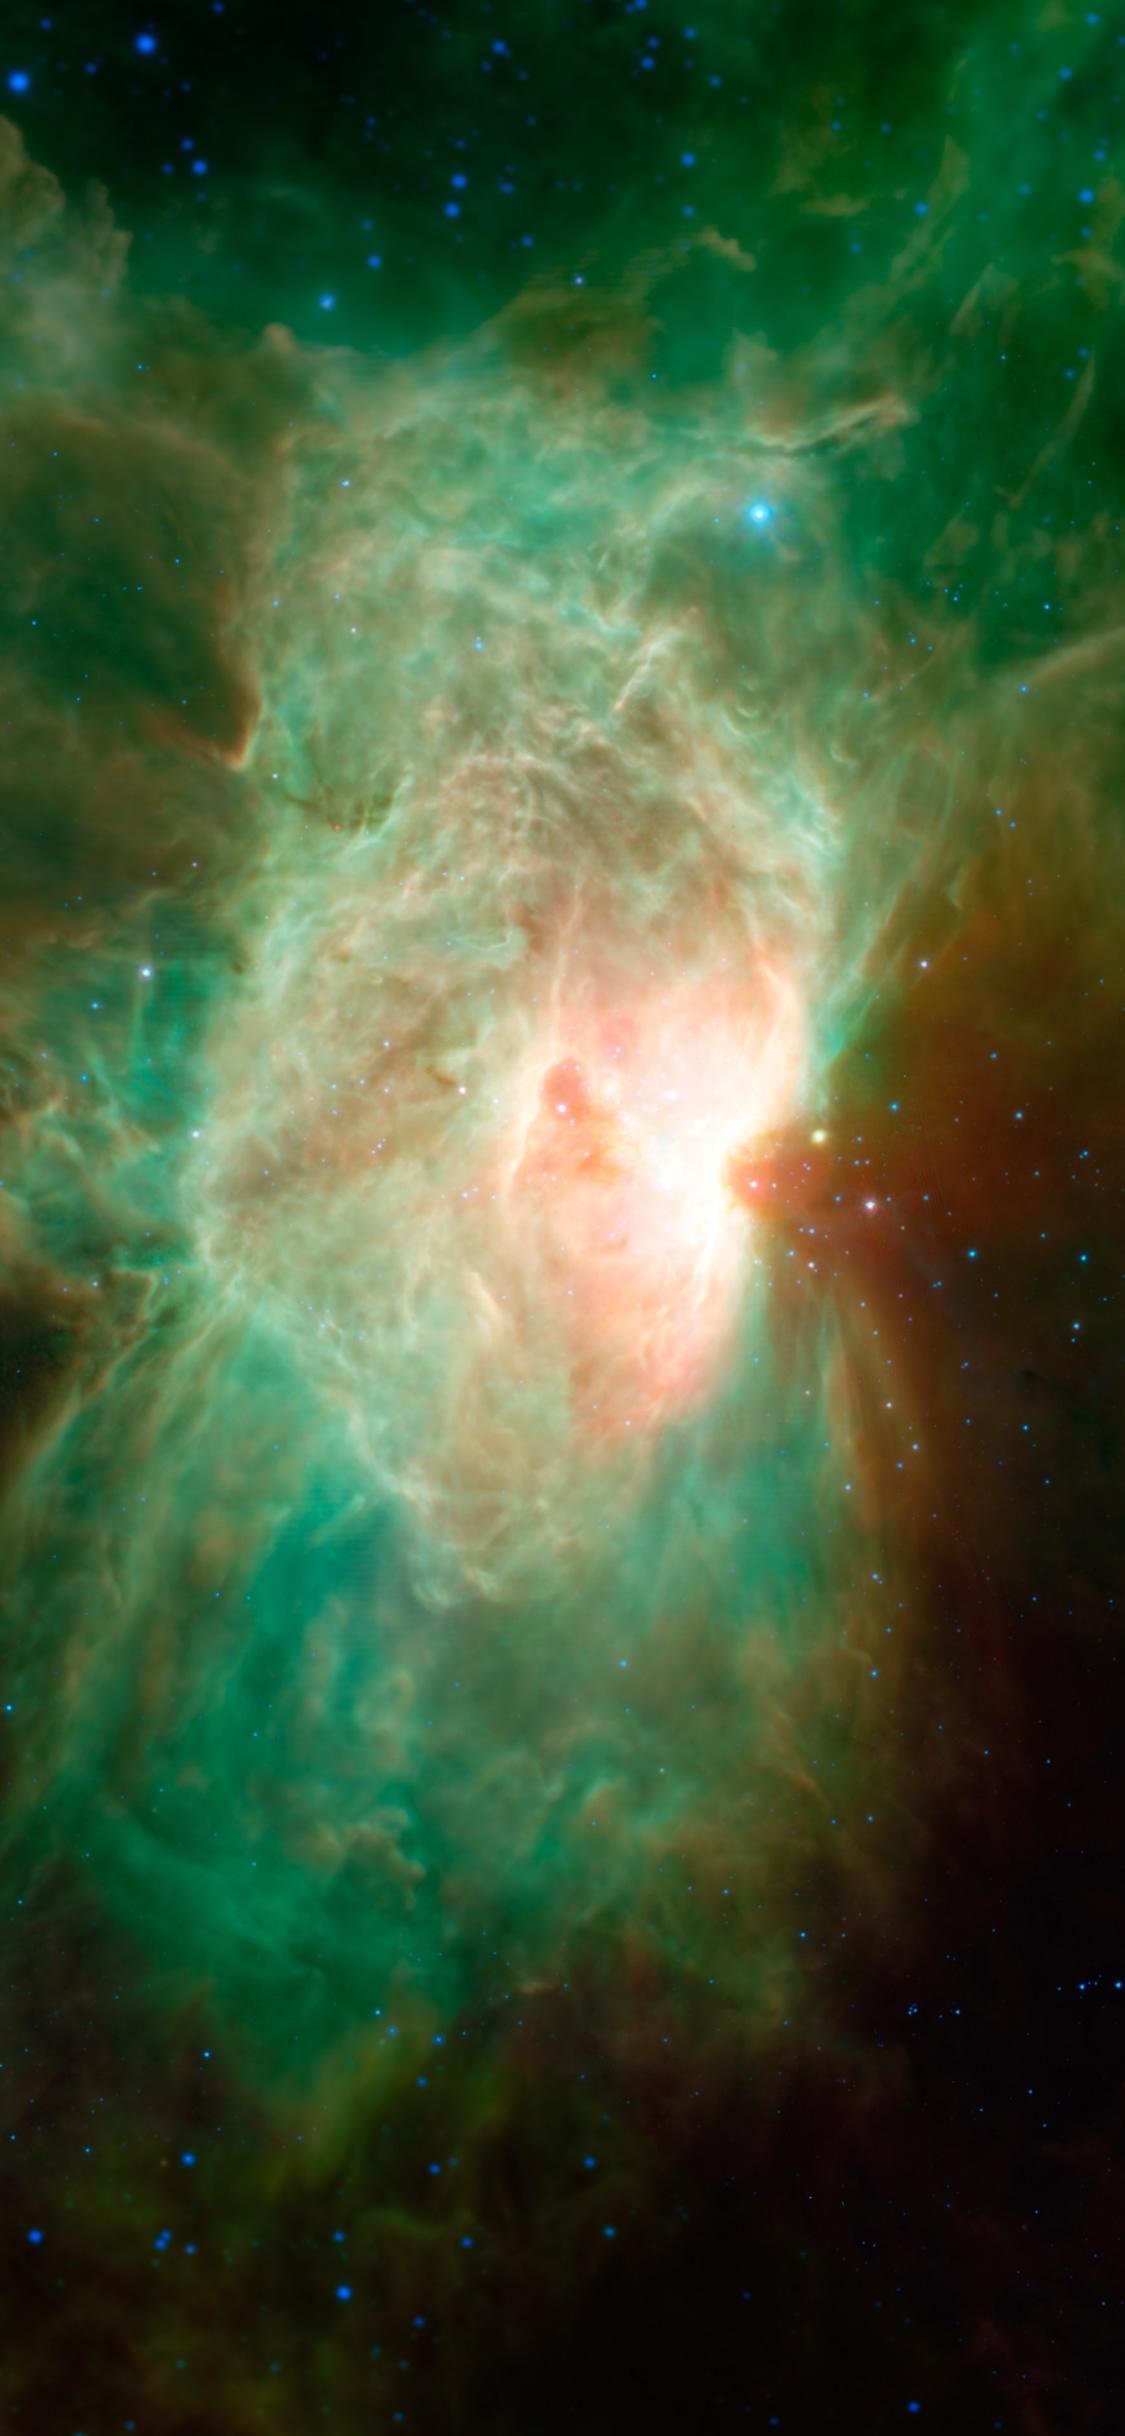 馬頭星雲のスマホ壁紙